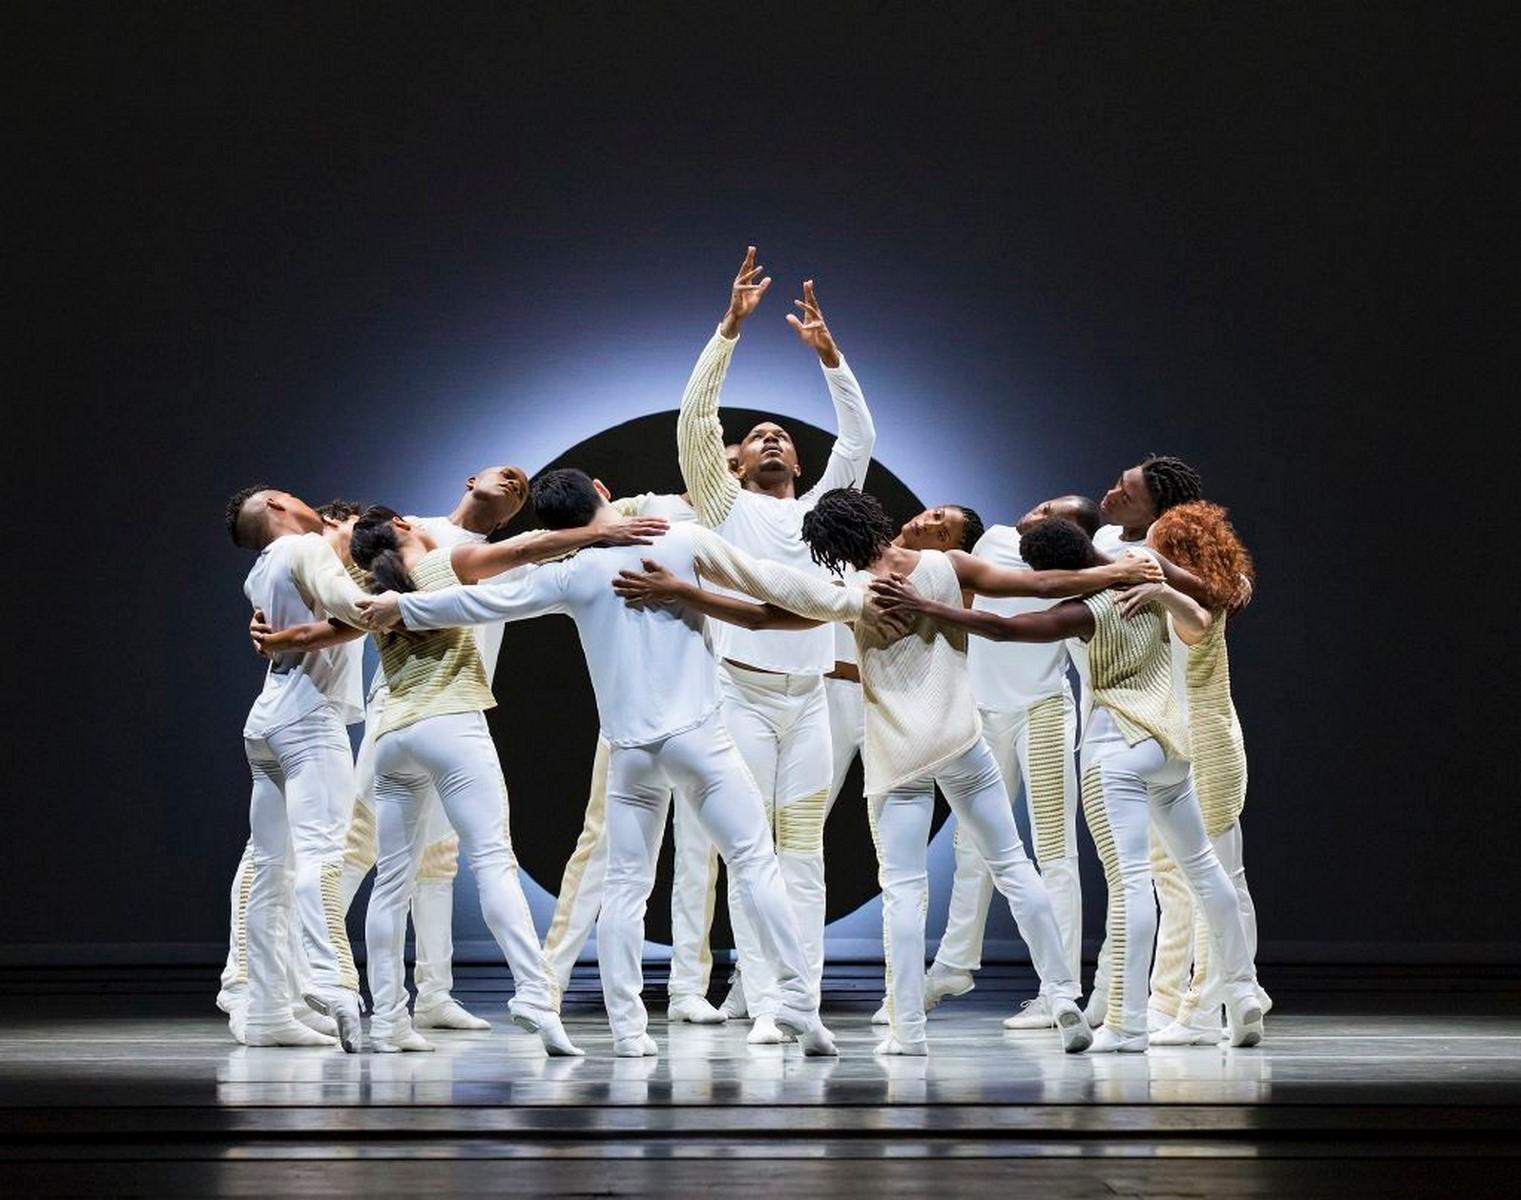 Anmeldelse: Alvin Ailey American Dance Theater – EN, Members don't get weary og Revelations, Tivoli (Alvin Ailey American Dance Theater)